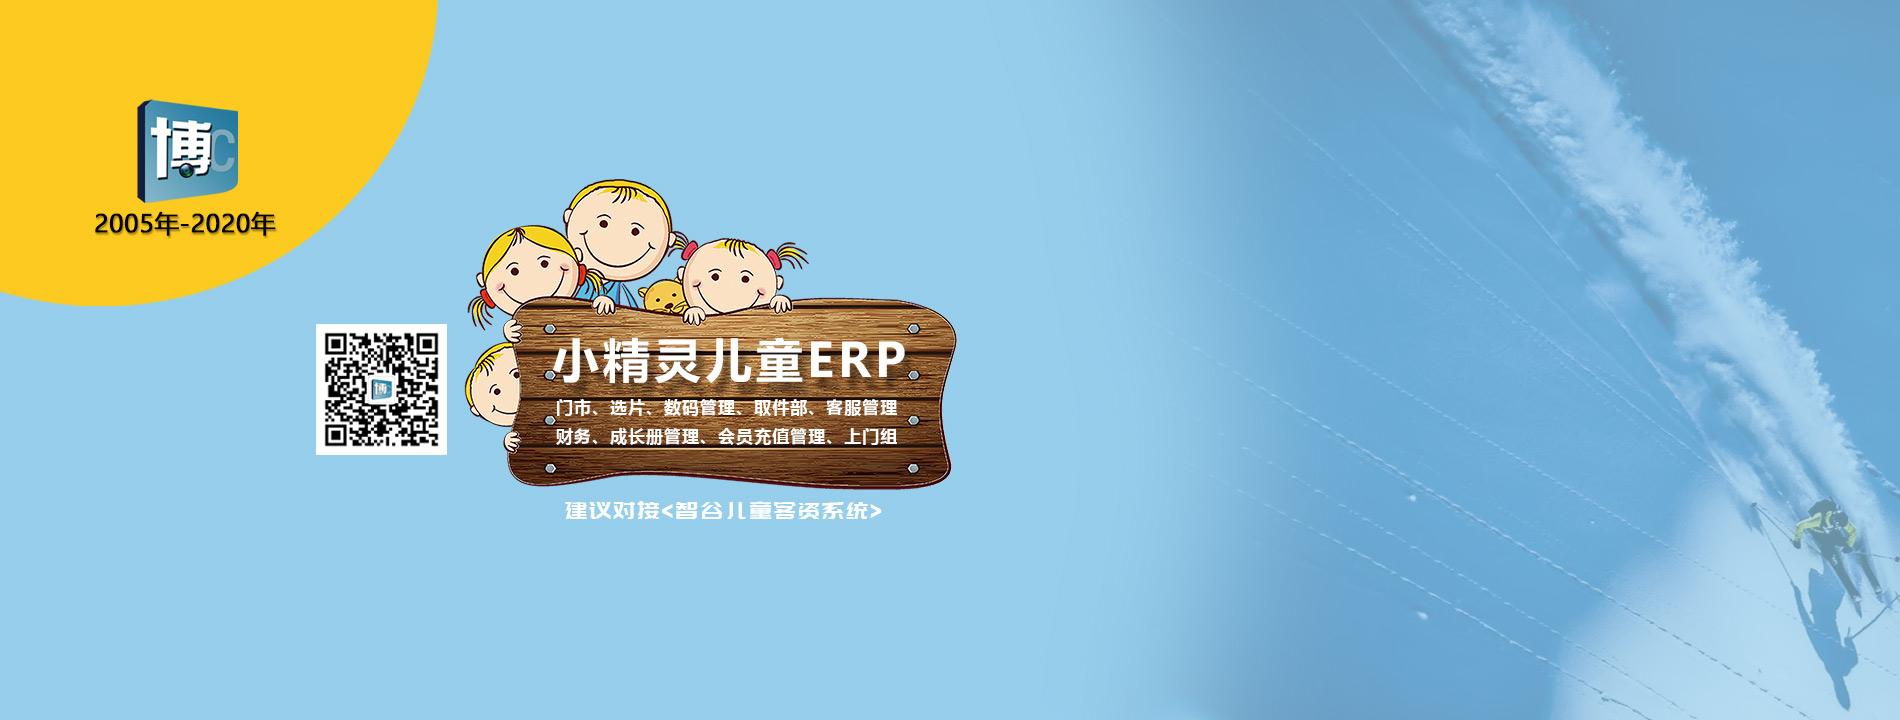 儿童摄影管理软件ERP